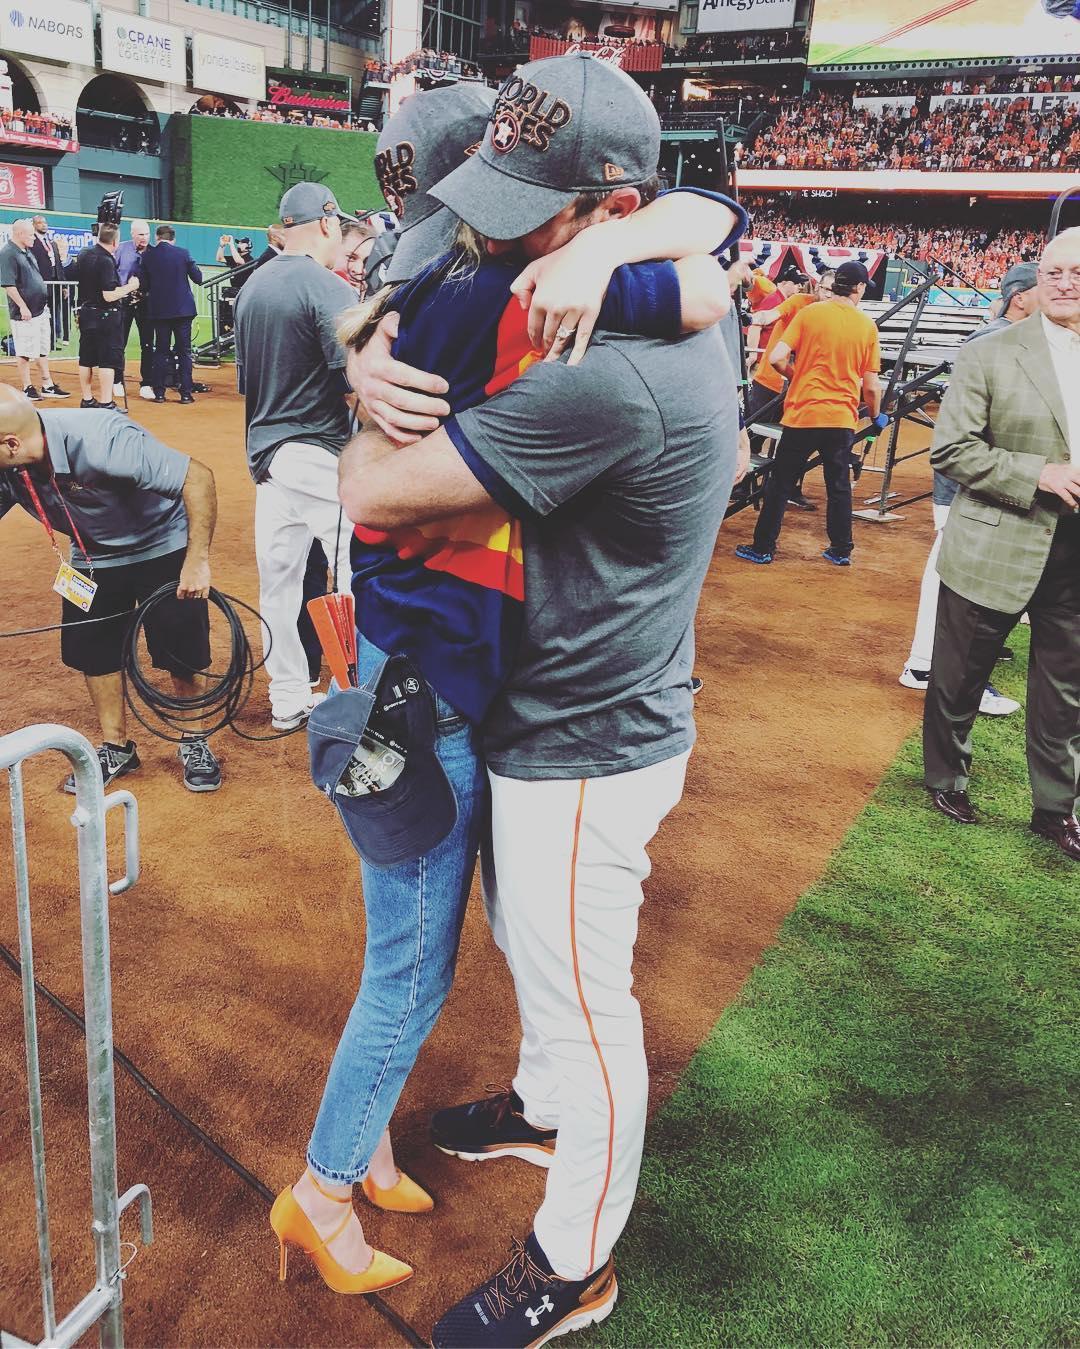 Kate Upton and Justin Verlander Hugging